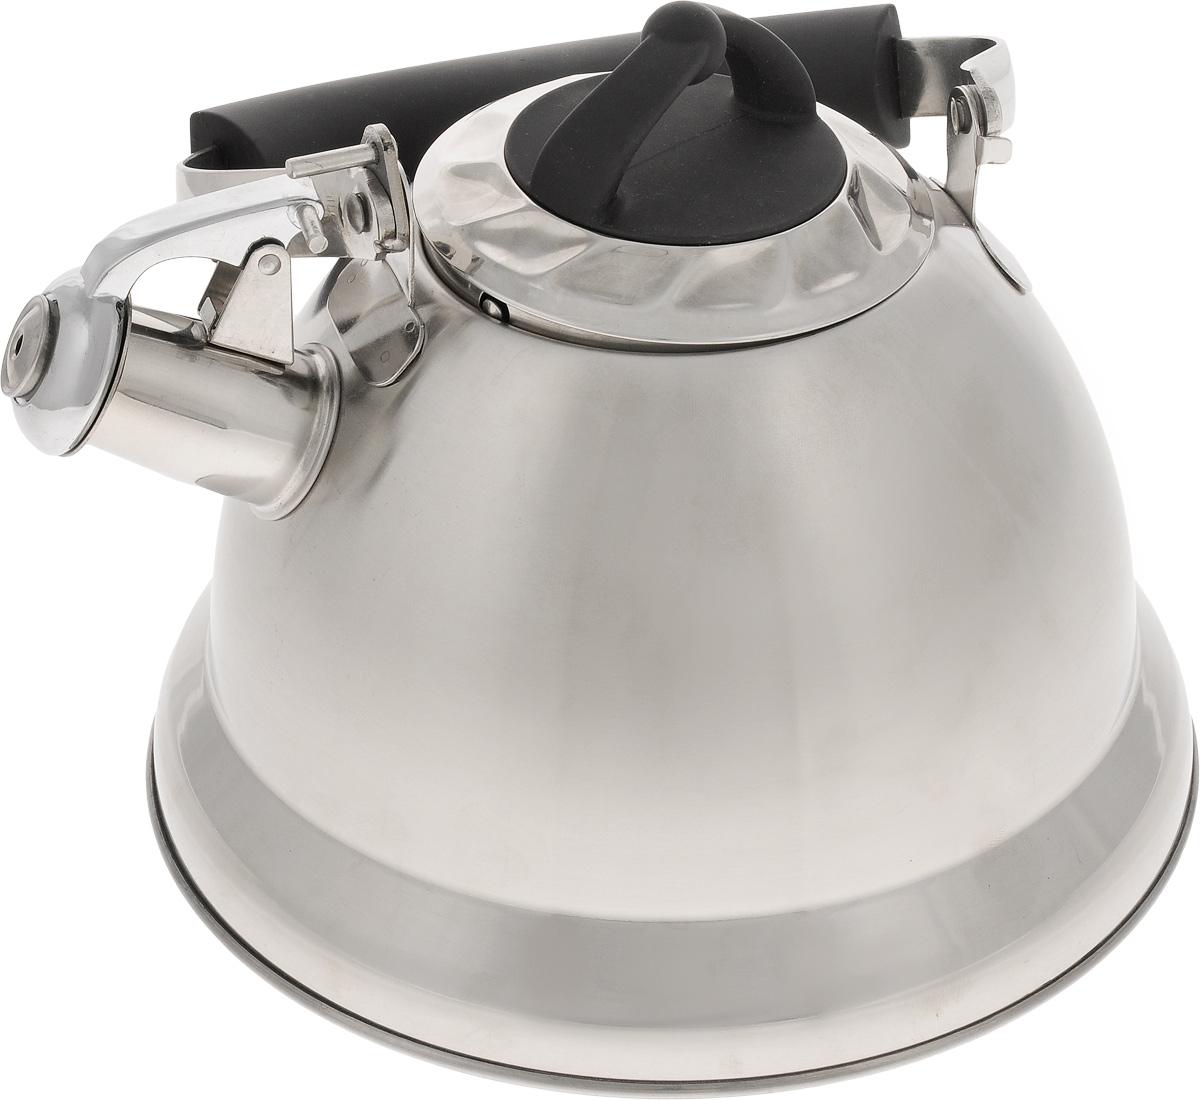 Чайник Mayer & Boch, со свистком, цвет: стальной, черный, 3,2 л. 2277922779Чайник Mayer & Boch изготовлен из высококачественной нержавеющей стали, что делает его весьма гигиеничным и устойчивым к износу при длительном использовании. Капсулированное дно обеспечивает равномерный и быстрый нагрев, поэтому вода закипает гораздо быстрее, чем в обычных чайниках. Чайник оснащен откидным свистком, звуковой сигнал которого подскажет, когда закипит вода. Подвижная ручка из стали и бакелита дает дополнительное удобство при разлитии напитка. Чайник Mayer & Boch идеально впишется в интерьер любой кухни и станет замечательным подарком к любому случаю. Подходит для газовых, стеклокерамических, индукционных и электрических плит. Можно мыть в посудомоечной машине. Высота чайника (без учета ручки и крышки): 13,5 см. Высота чайника (с учетом ручки и крышки): 24 см. Диаметр чайника (по верхнему краю): 10,5 см.